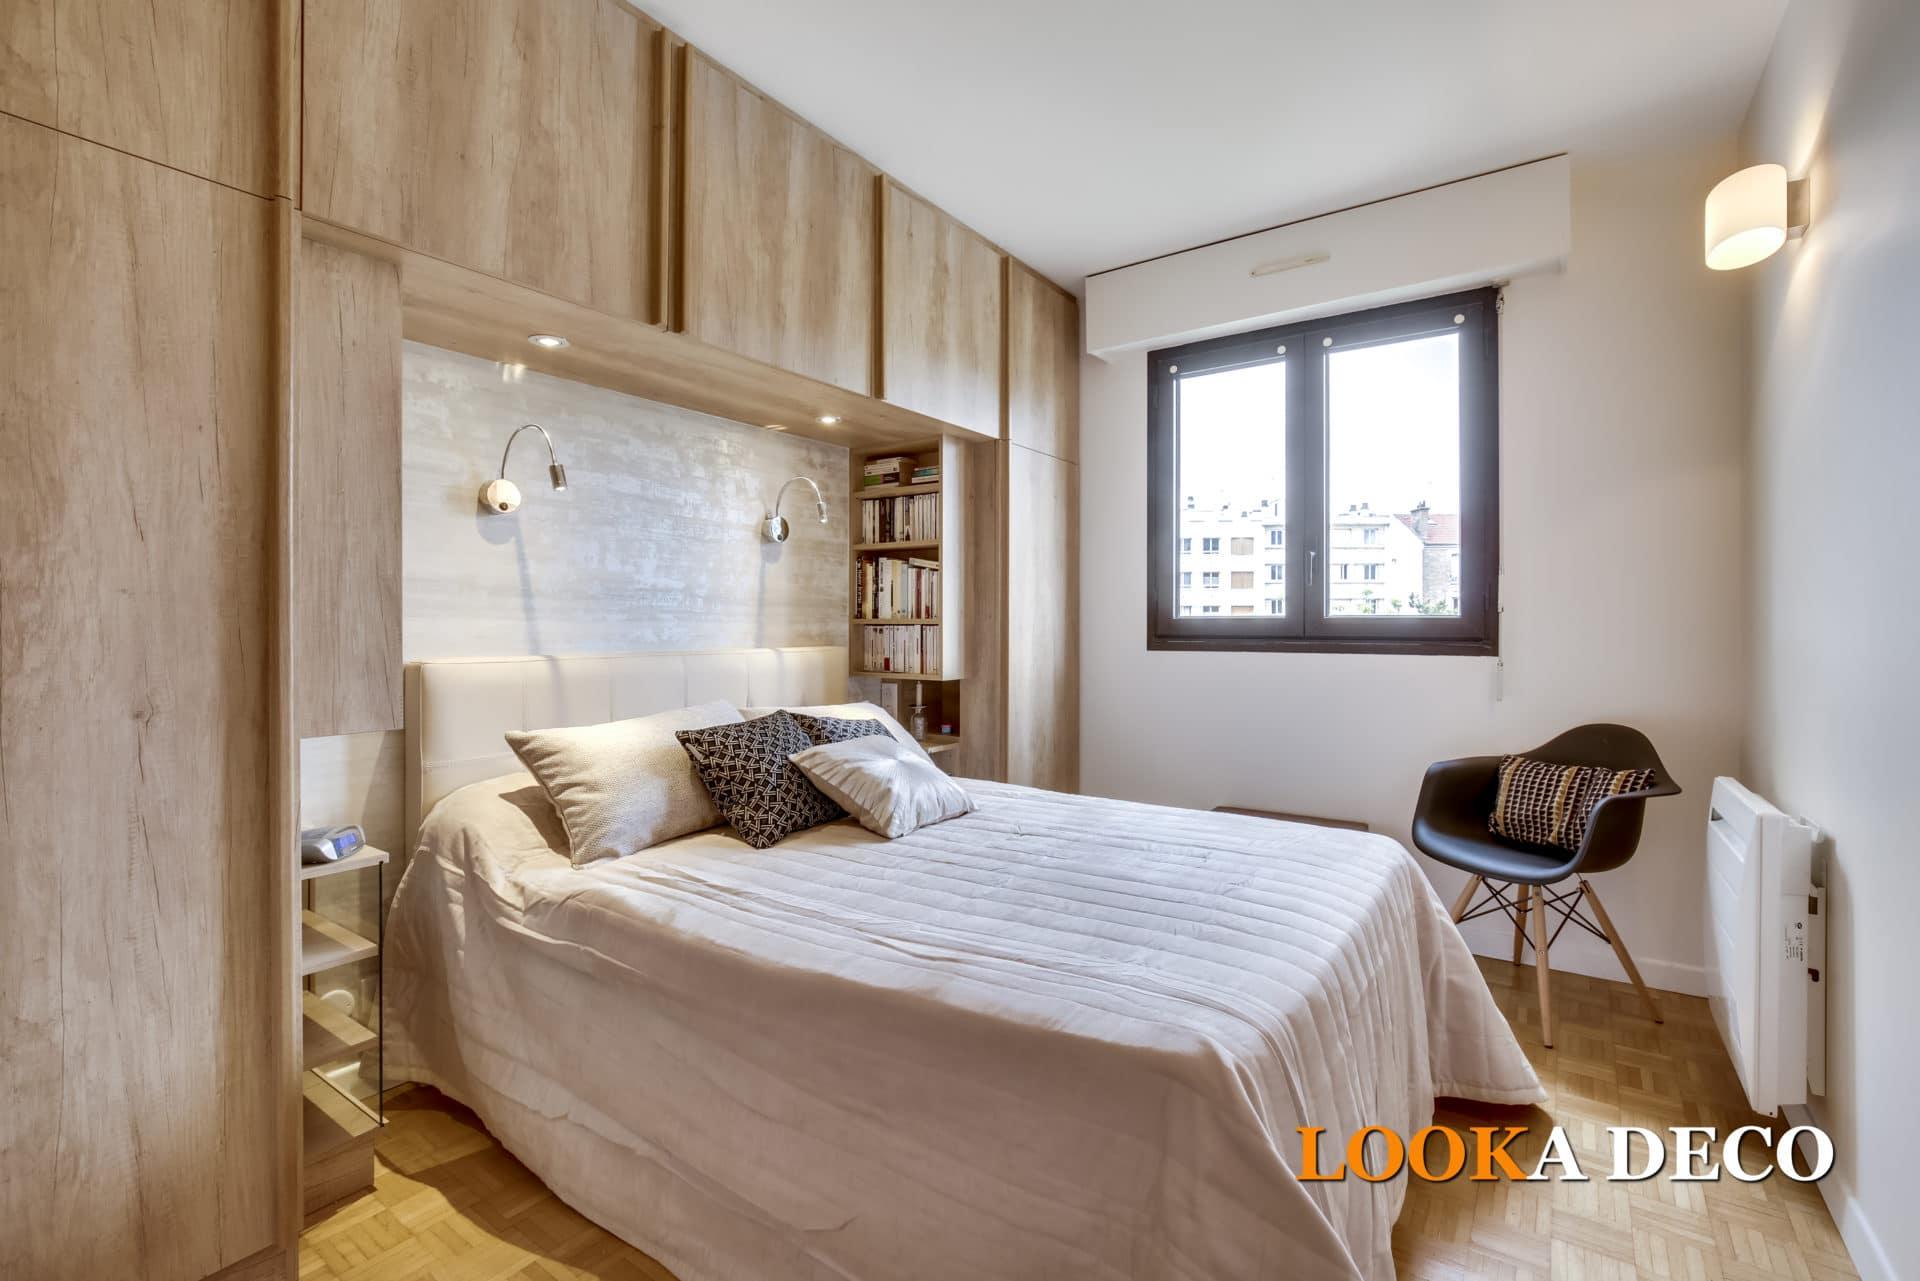 Chambre parentale aux rangements optimisés et atmosphère douce La Garenne-Colombes (Hauts-de-Seine)